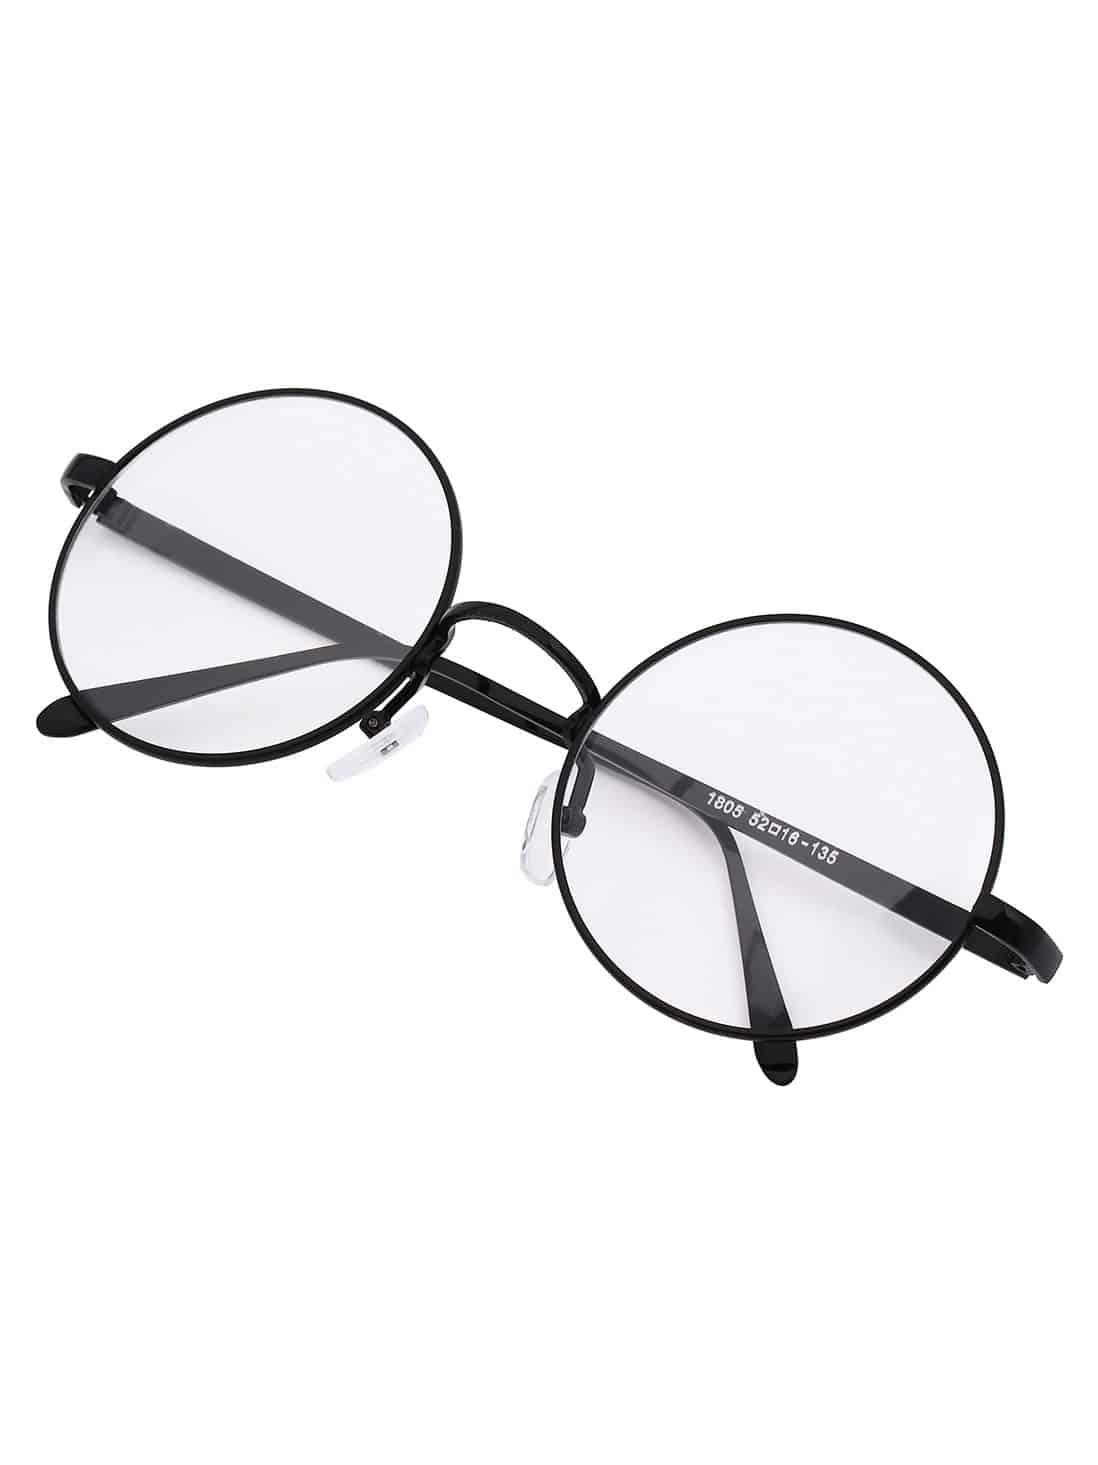 Black Frame Retro Round Sunglasses